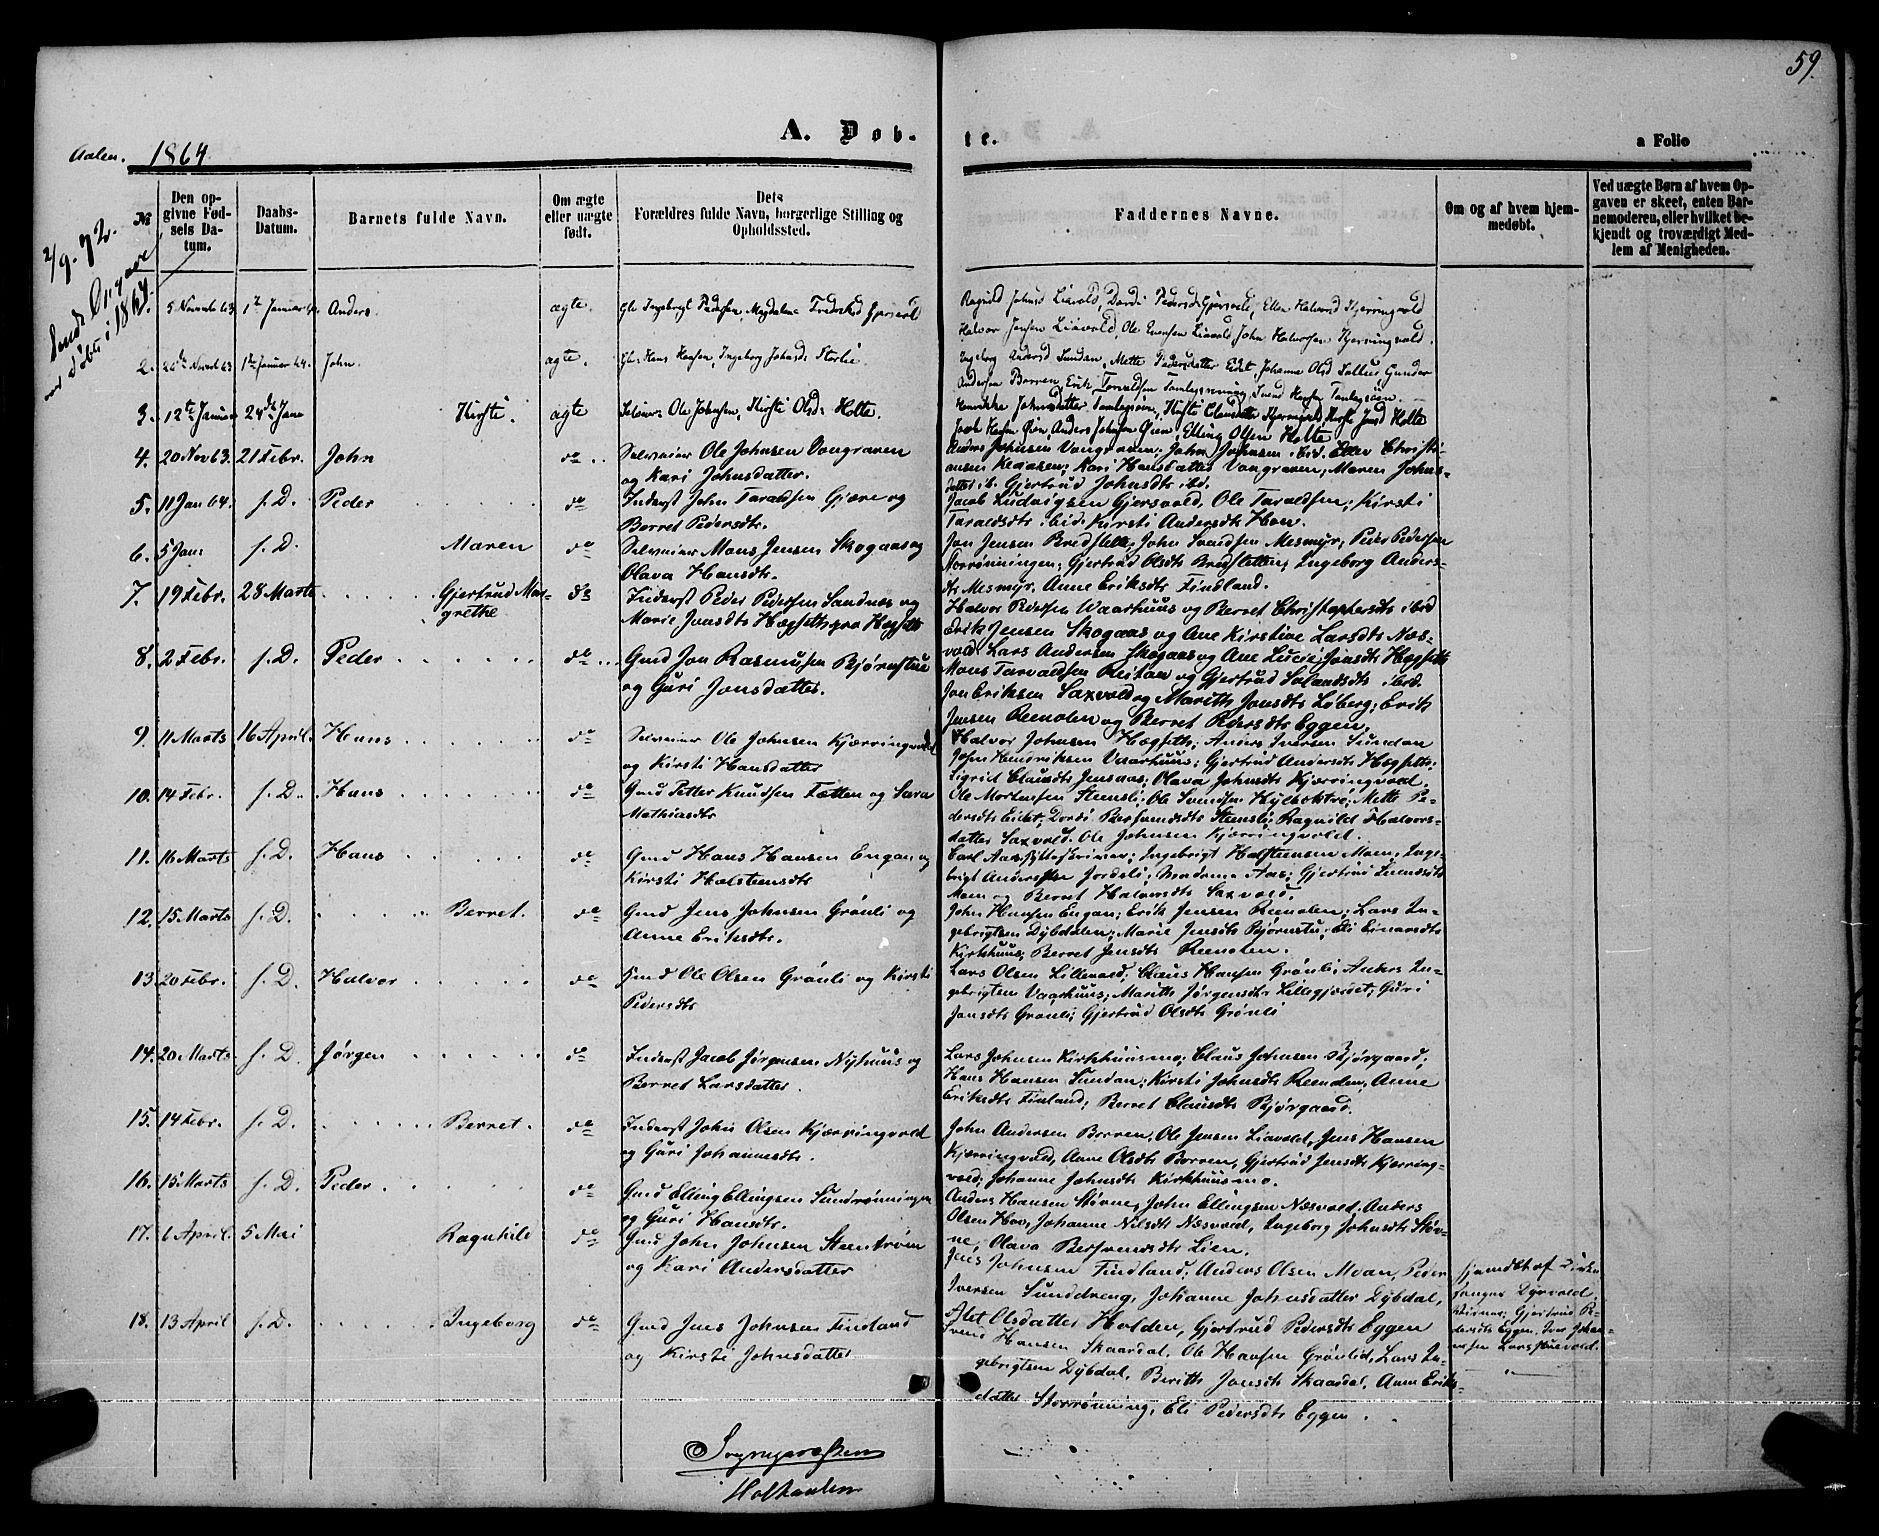 SAT, Ministerialprotokoller, klokkerbøker og fødselsregistre - Sør-Trøndelag, 685/L0968: Ministerialbok nr. 685A07 /3, 1860-1869, s. 59